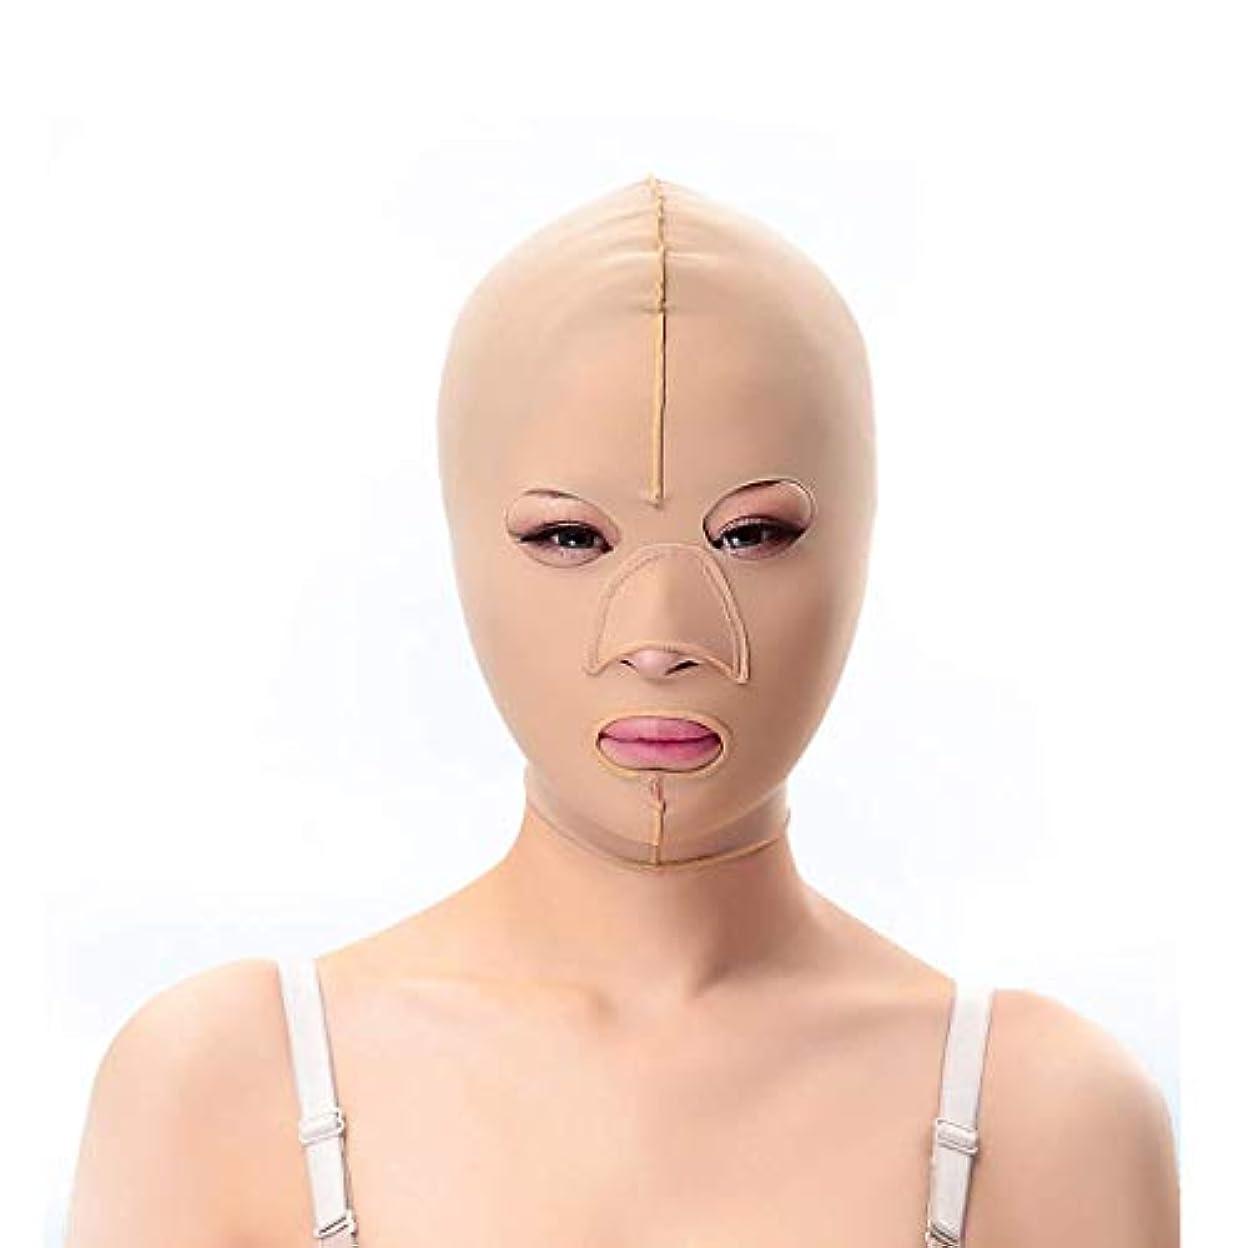 ジェスチャー自動車自治スリミングベルト、二重あごの引き締め顔のプラスチックフェイスアーティファクト強力なフェイス包帯を脇に持ち上げるパターンを欺くためのフェイシャルマスクシンフェイスマスク(サイズ:L),S